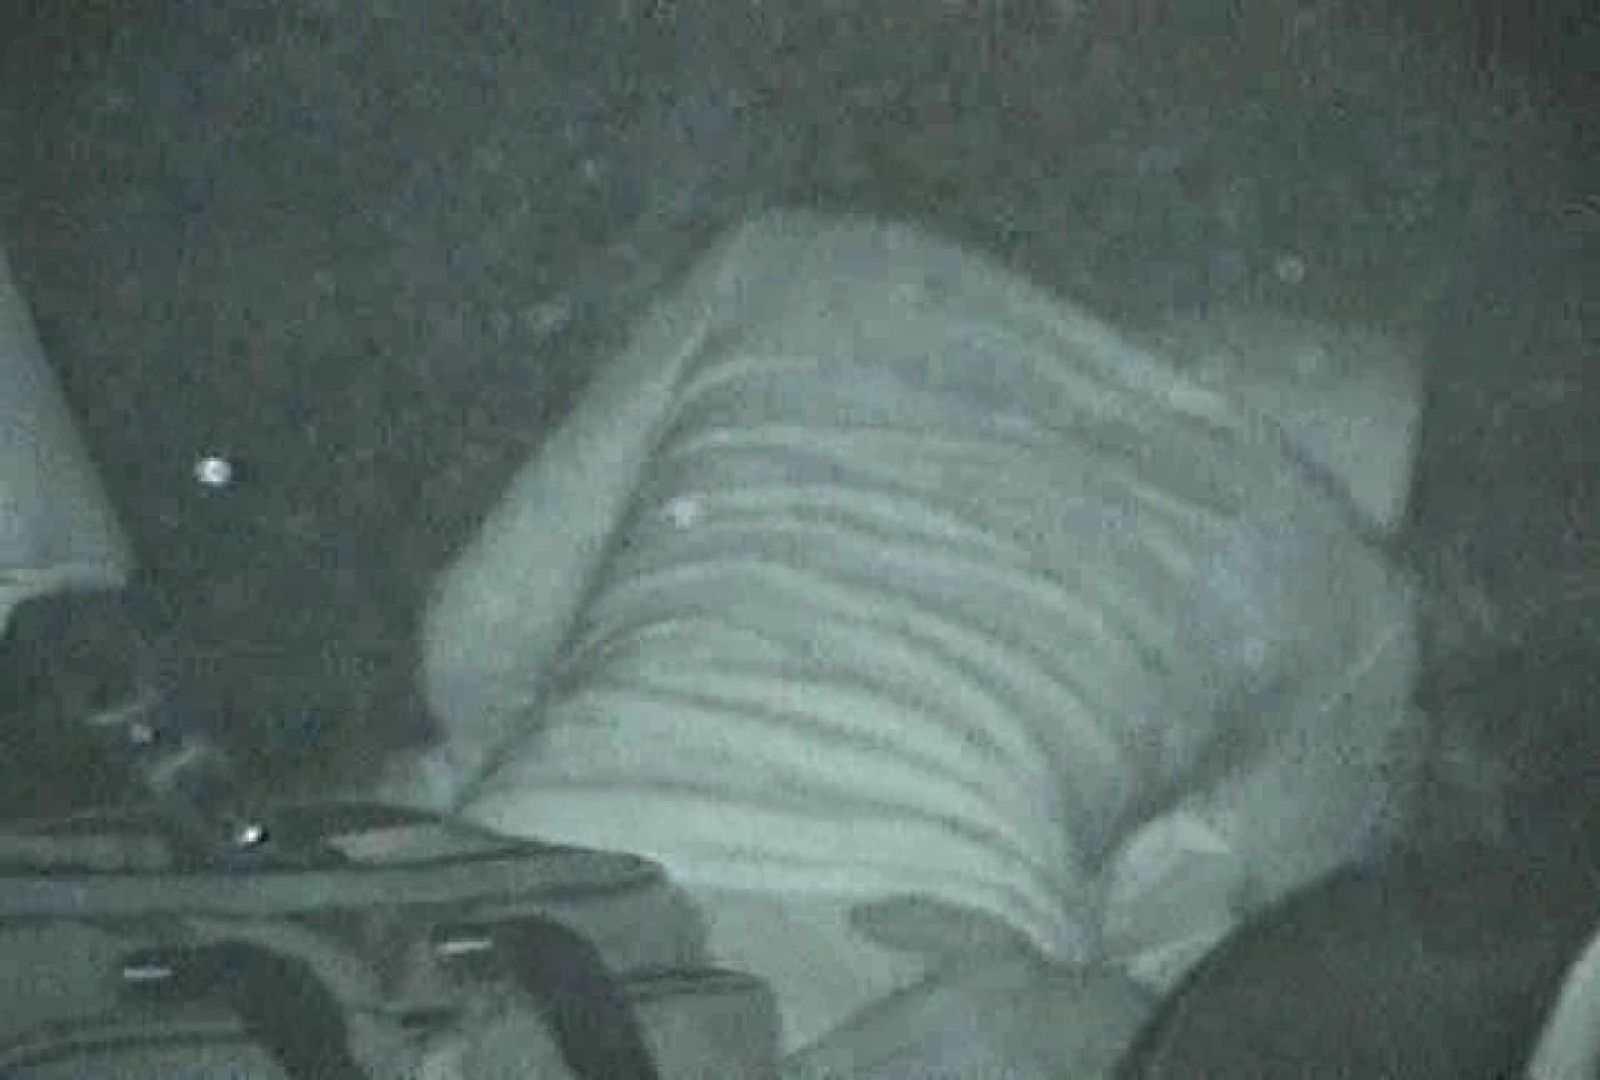 充血監督の深夜の運動会Vol.92 おまんこ無修正 のぞき動画キャプチャ 82画像 76